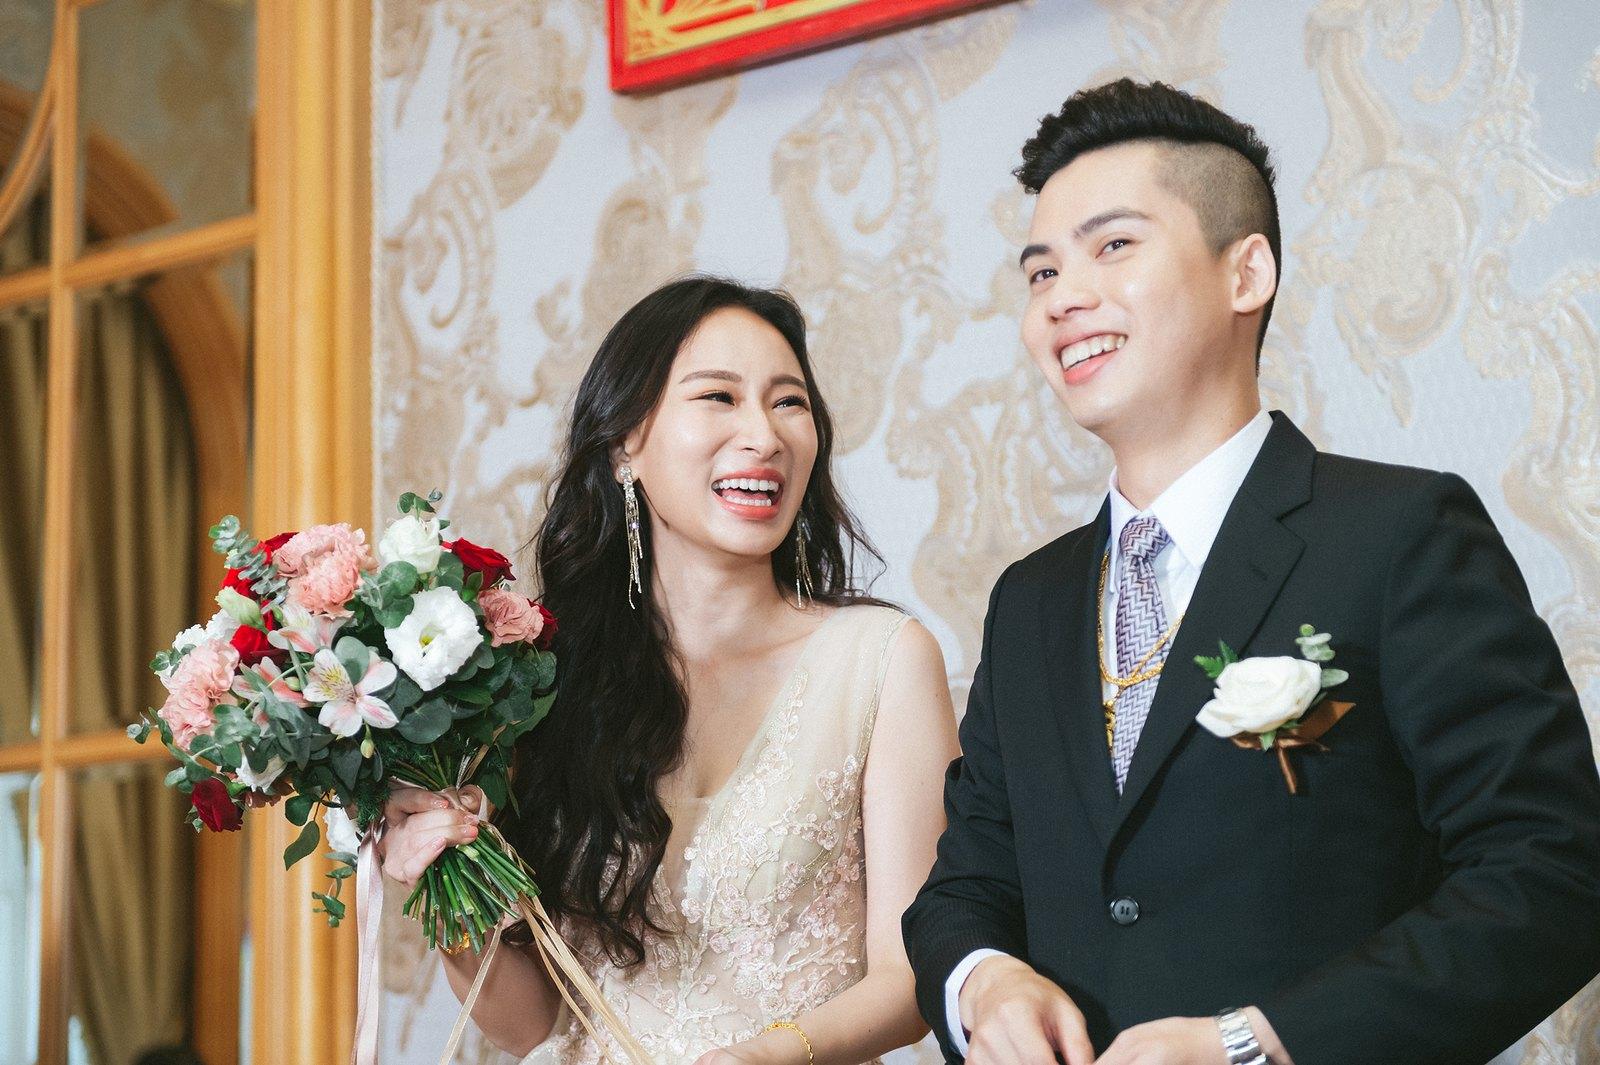 【婚攝】Michael & Susana / 台北西華飯店 / Sherwood